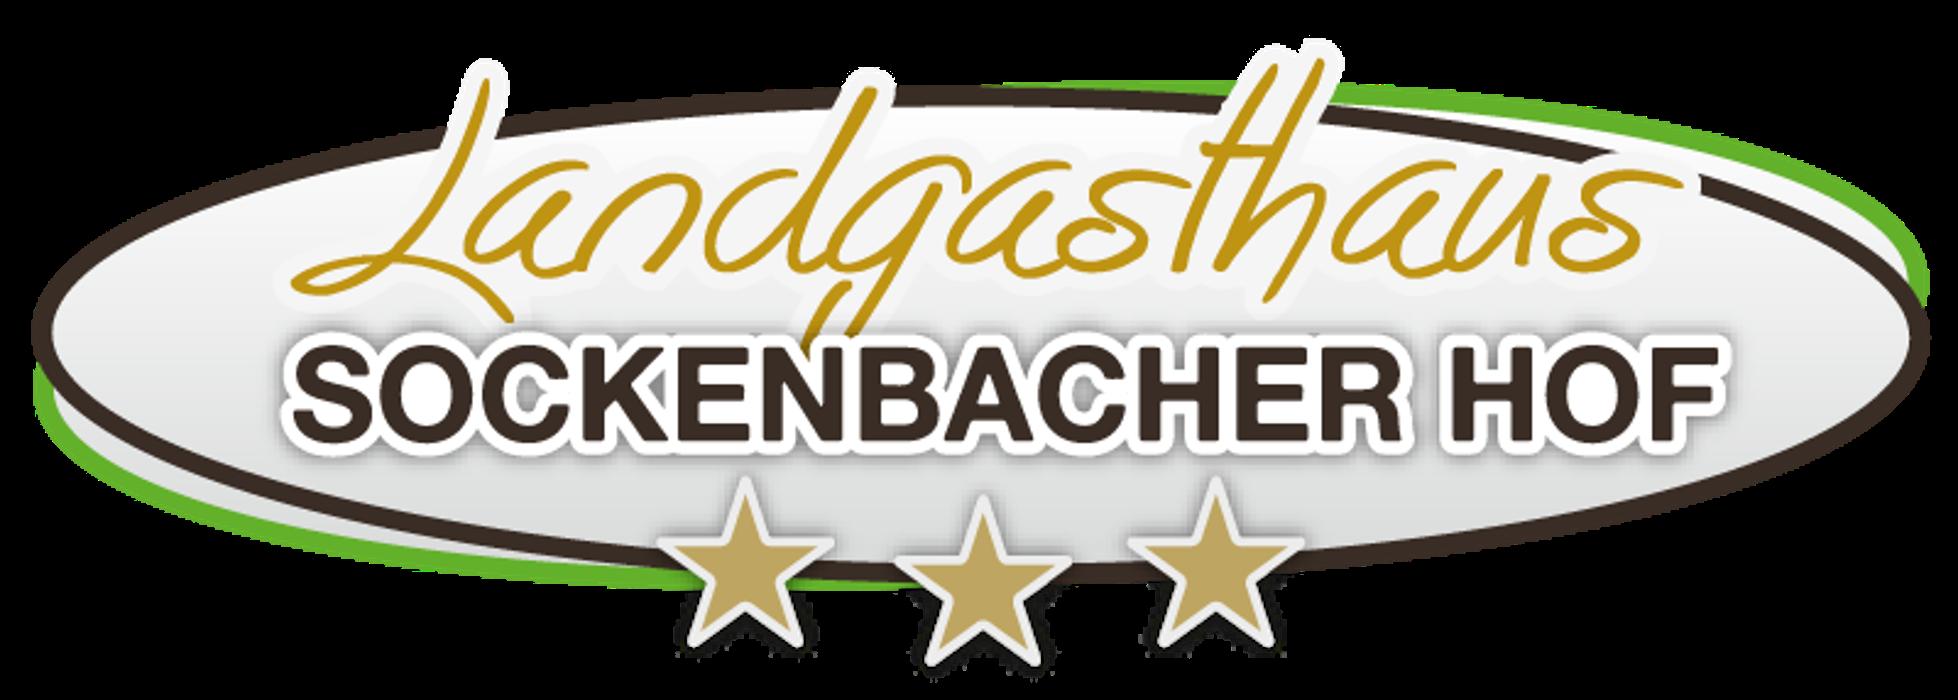 Bild zu Land gut Hotel Sockenbacher Hof in Waldbrunn im Odenwald